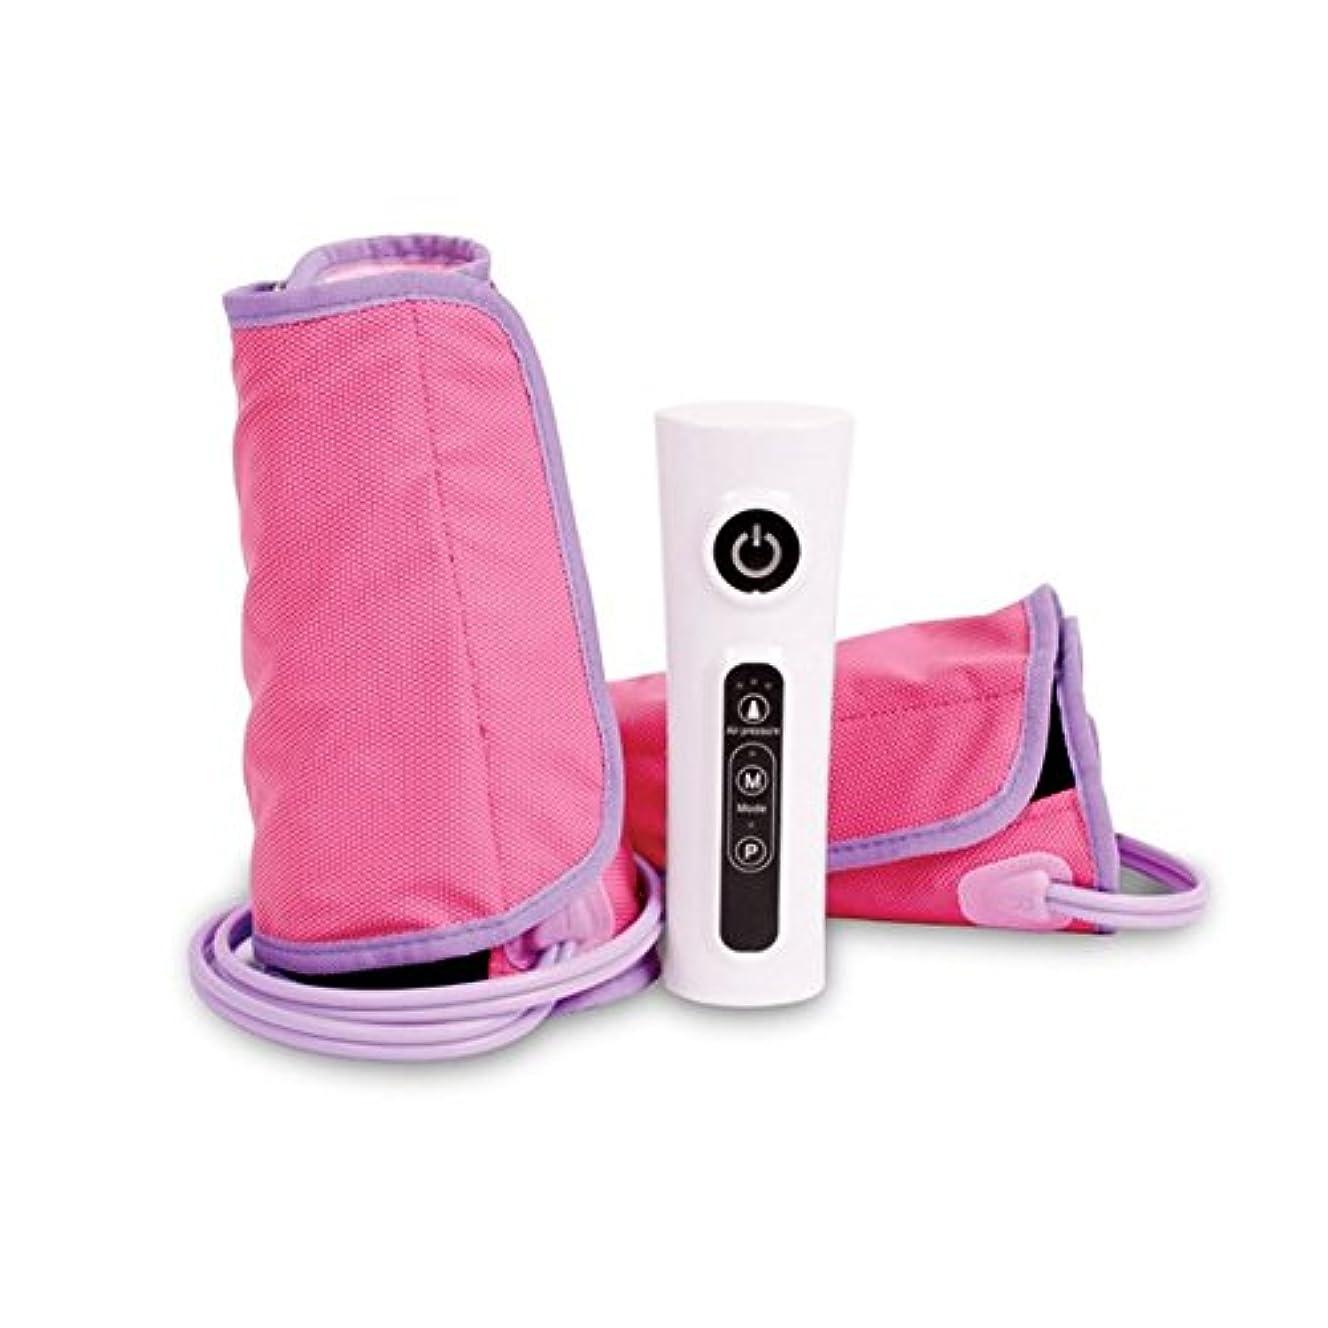 に話すアカウント塊Zespa ZP418 Rechargeable Line slimming Air Compression calf Leg Arm Foot Massager 360 rotary air pressure massage , 3 steps Adjust intensity & Exclusive Simple English User's Guide Zespa ZPは418充電式ライン痩身空気圧縮ふくらはぎ脚腕足は360回転式空気圧マッサージマッサージャー、3つのステップは、強度&独占シンプルな英語ユーザーズ?ガイドを調整します [並行輸入]